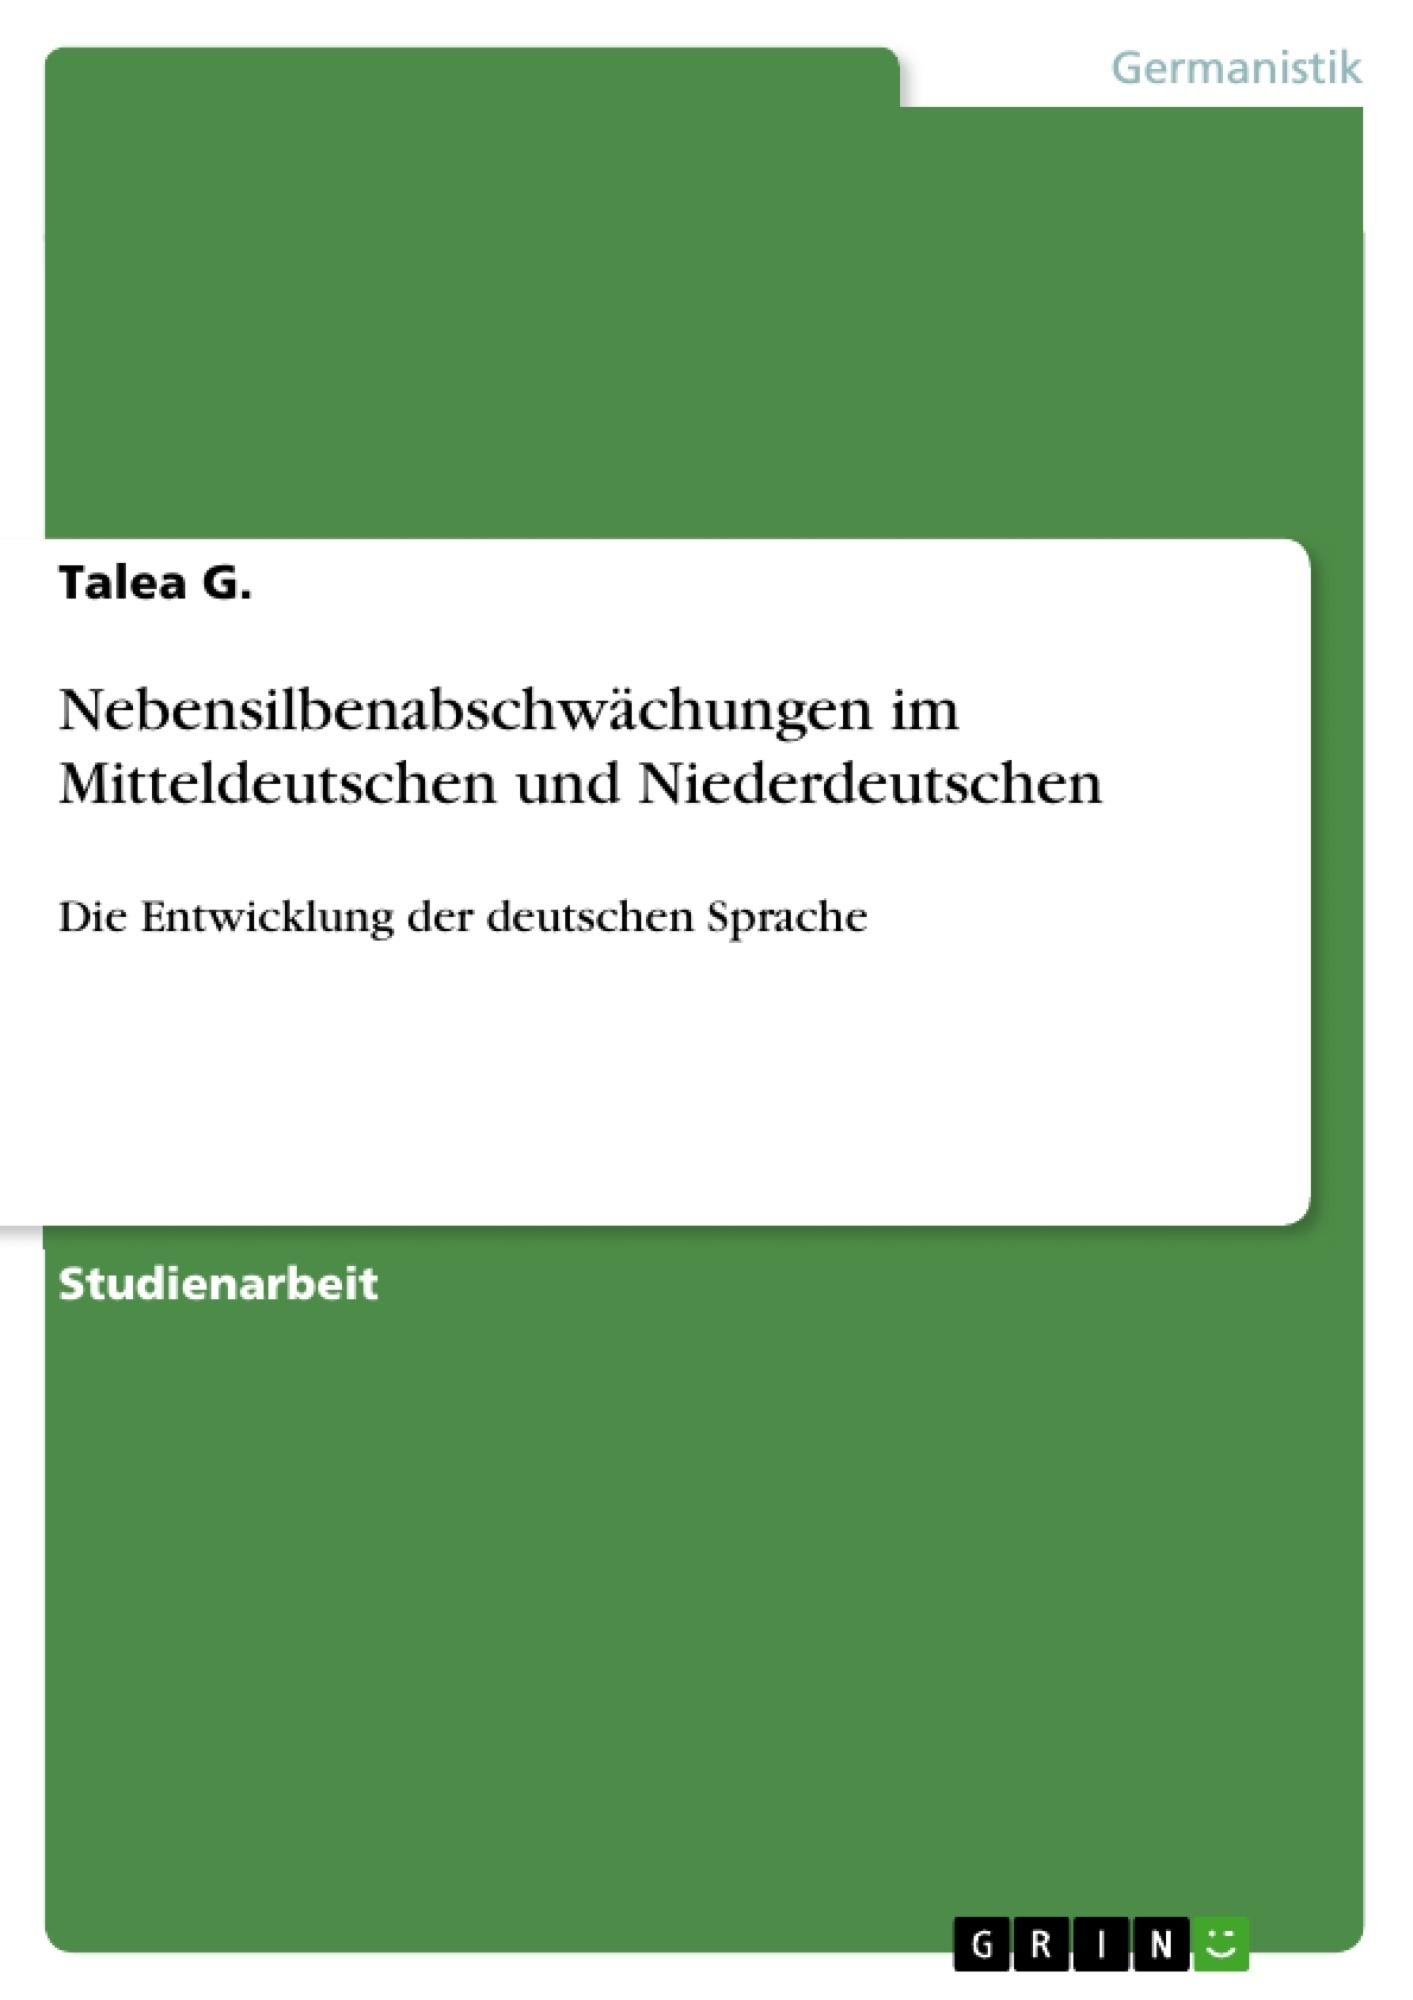 Titel: Nebensilbenabschwächungen im Mitteldeutschen und Niederdeutschen